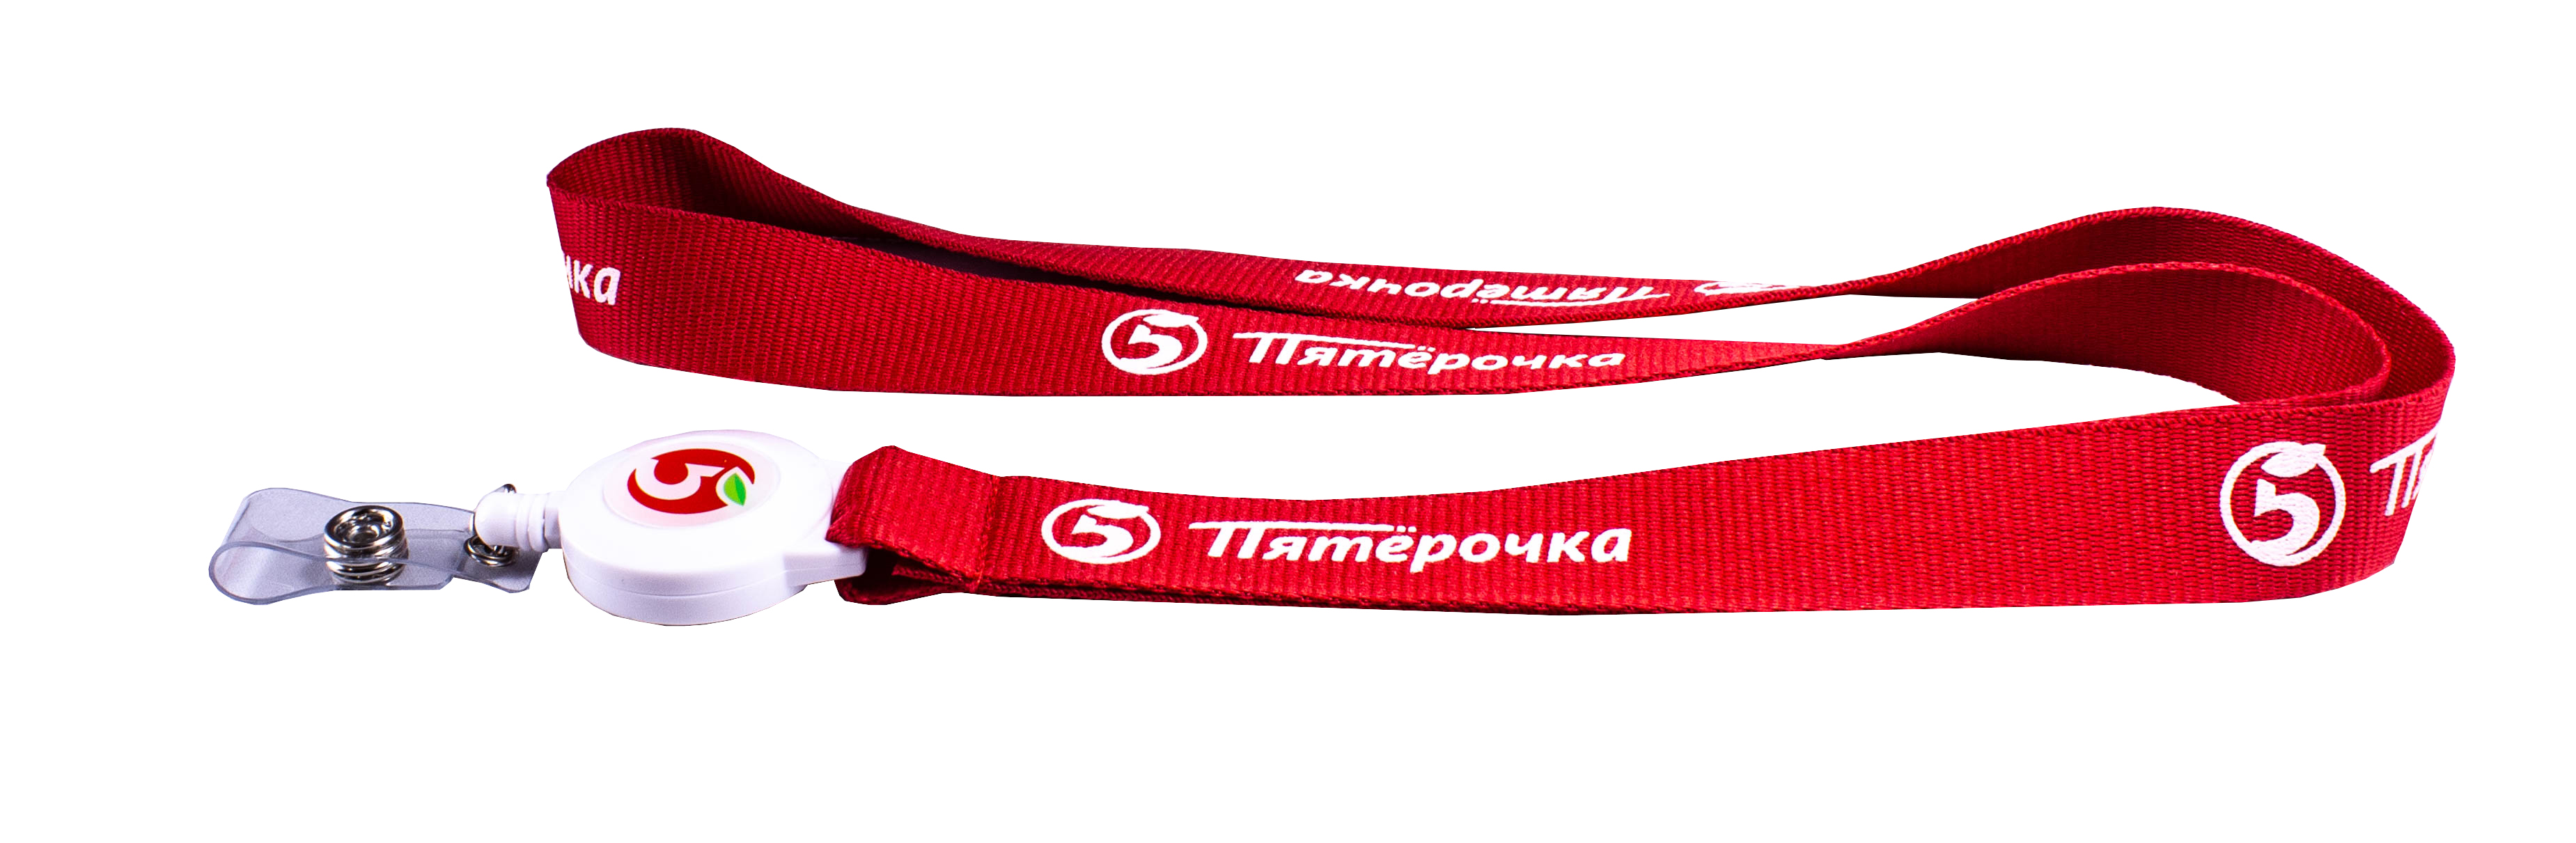 Красная лента для бейджа с логотипом, крепление ретрактор